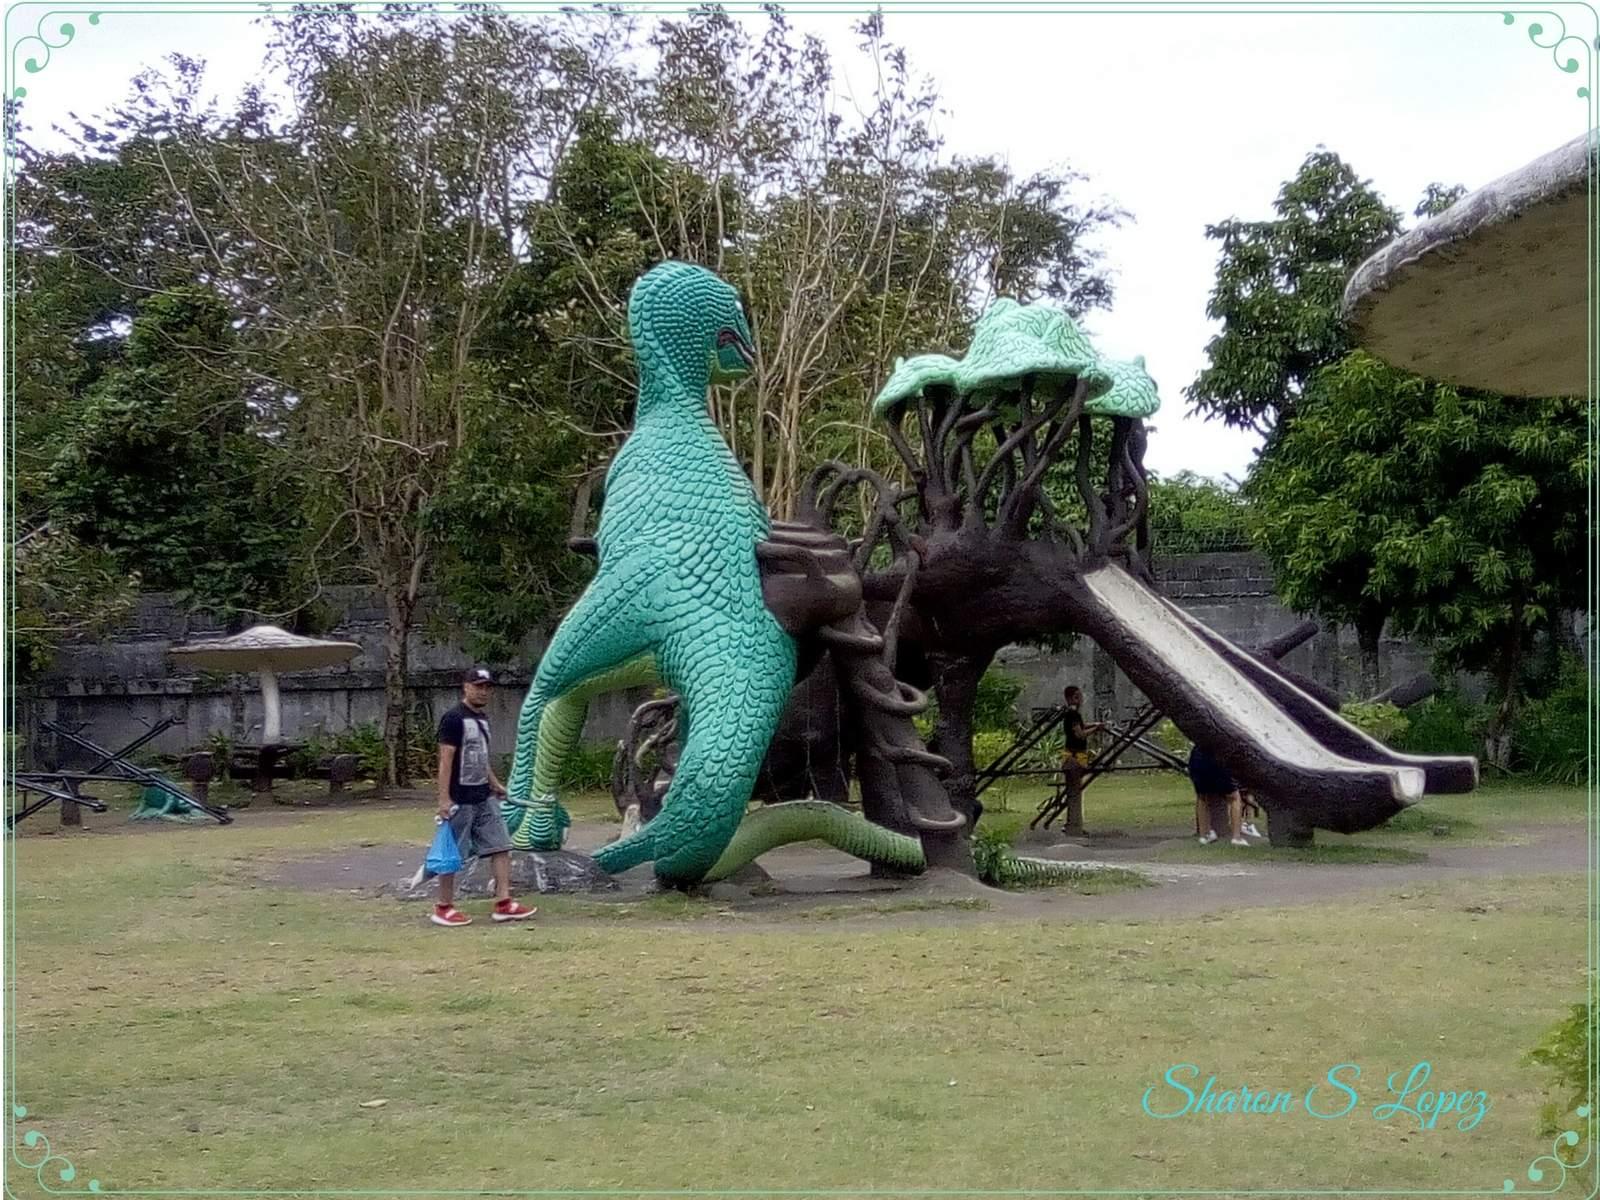 childrens+playground